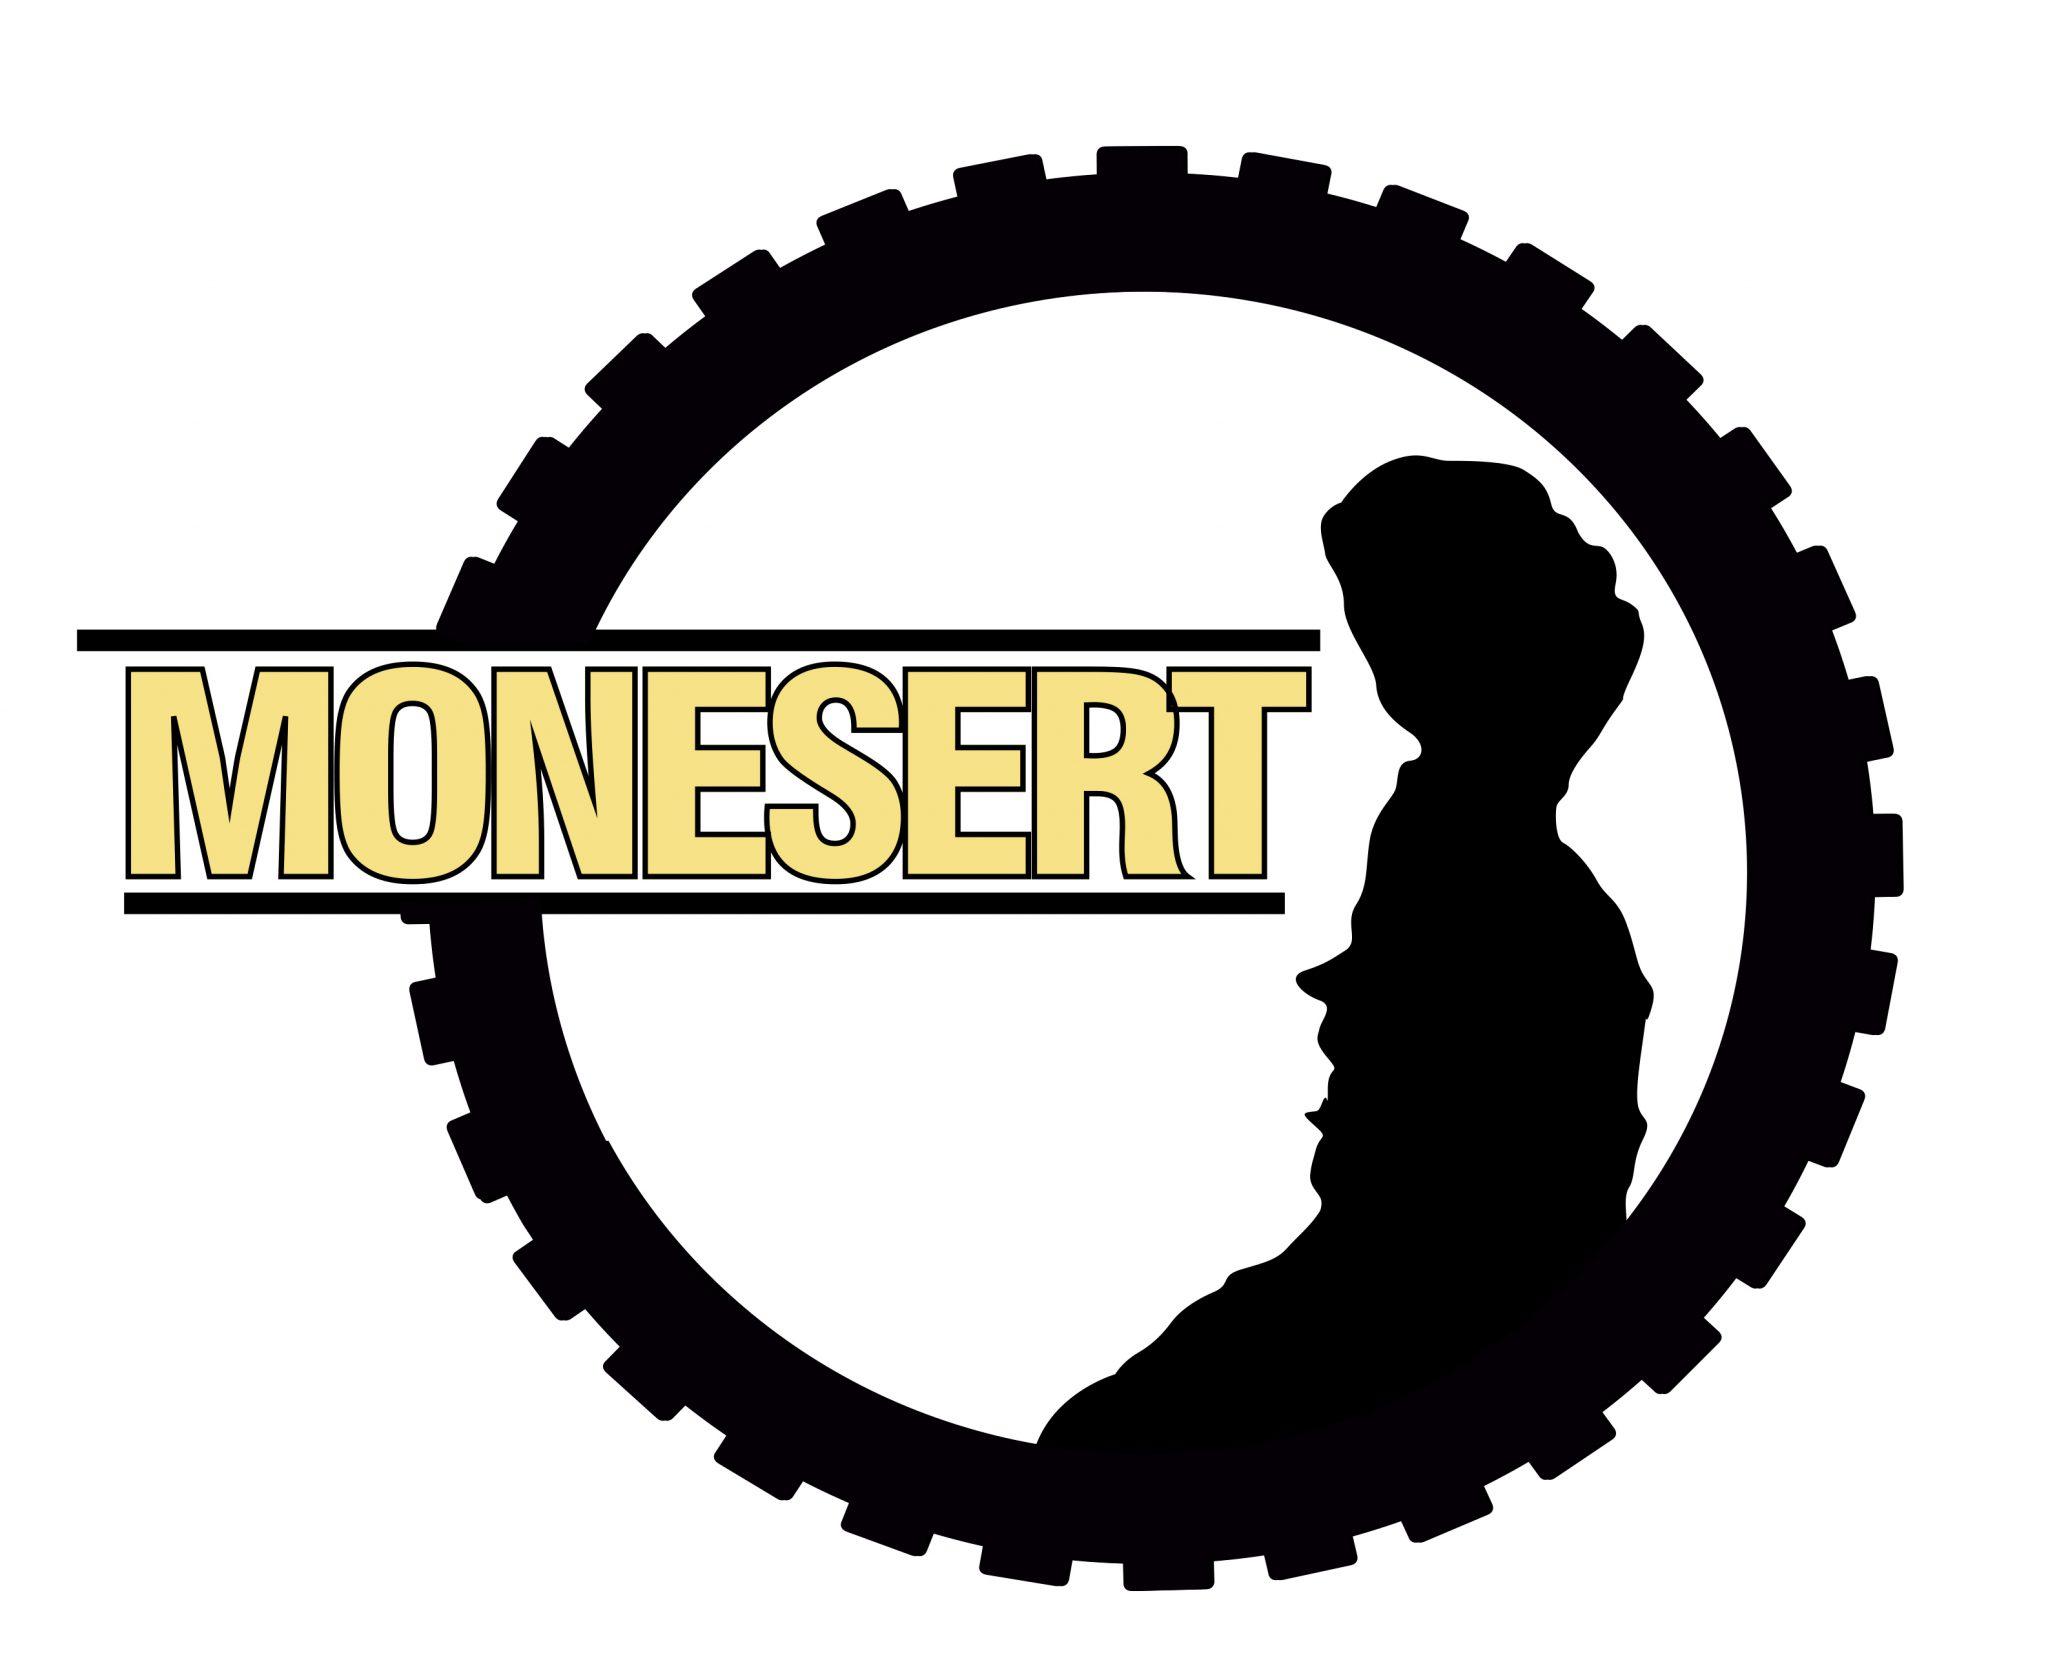     Monesert